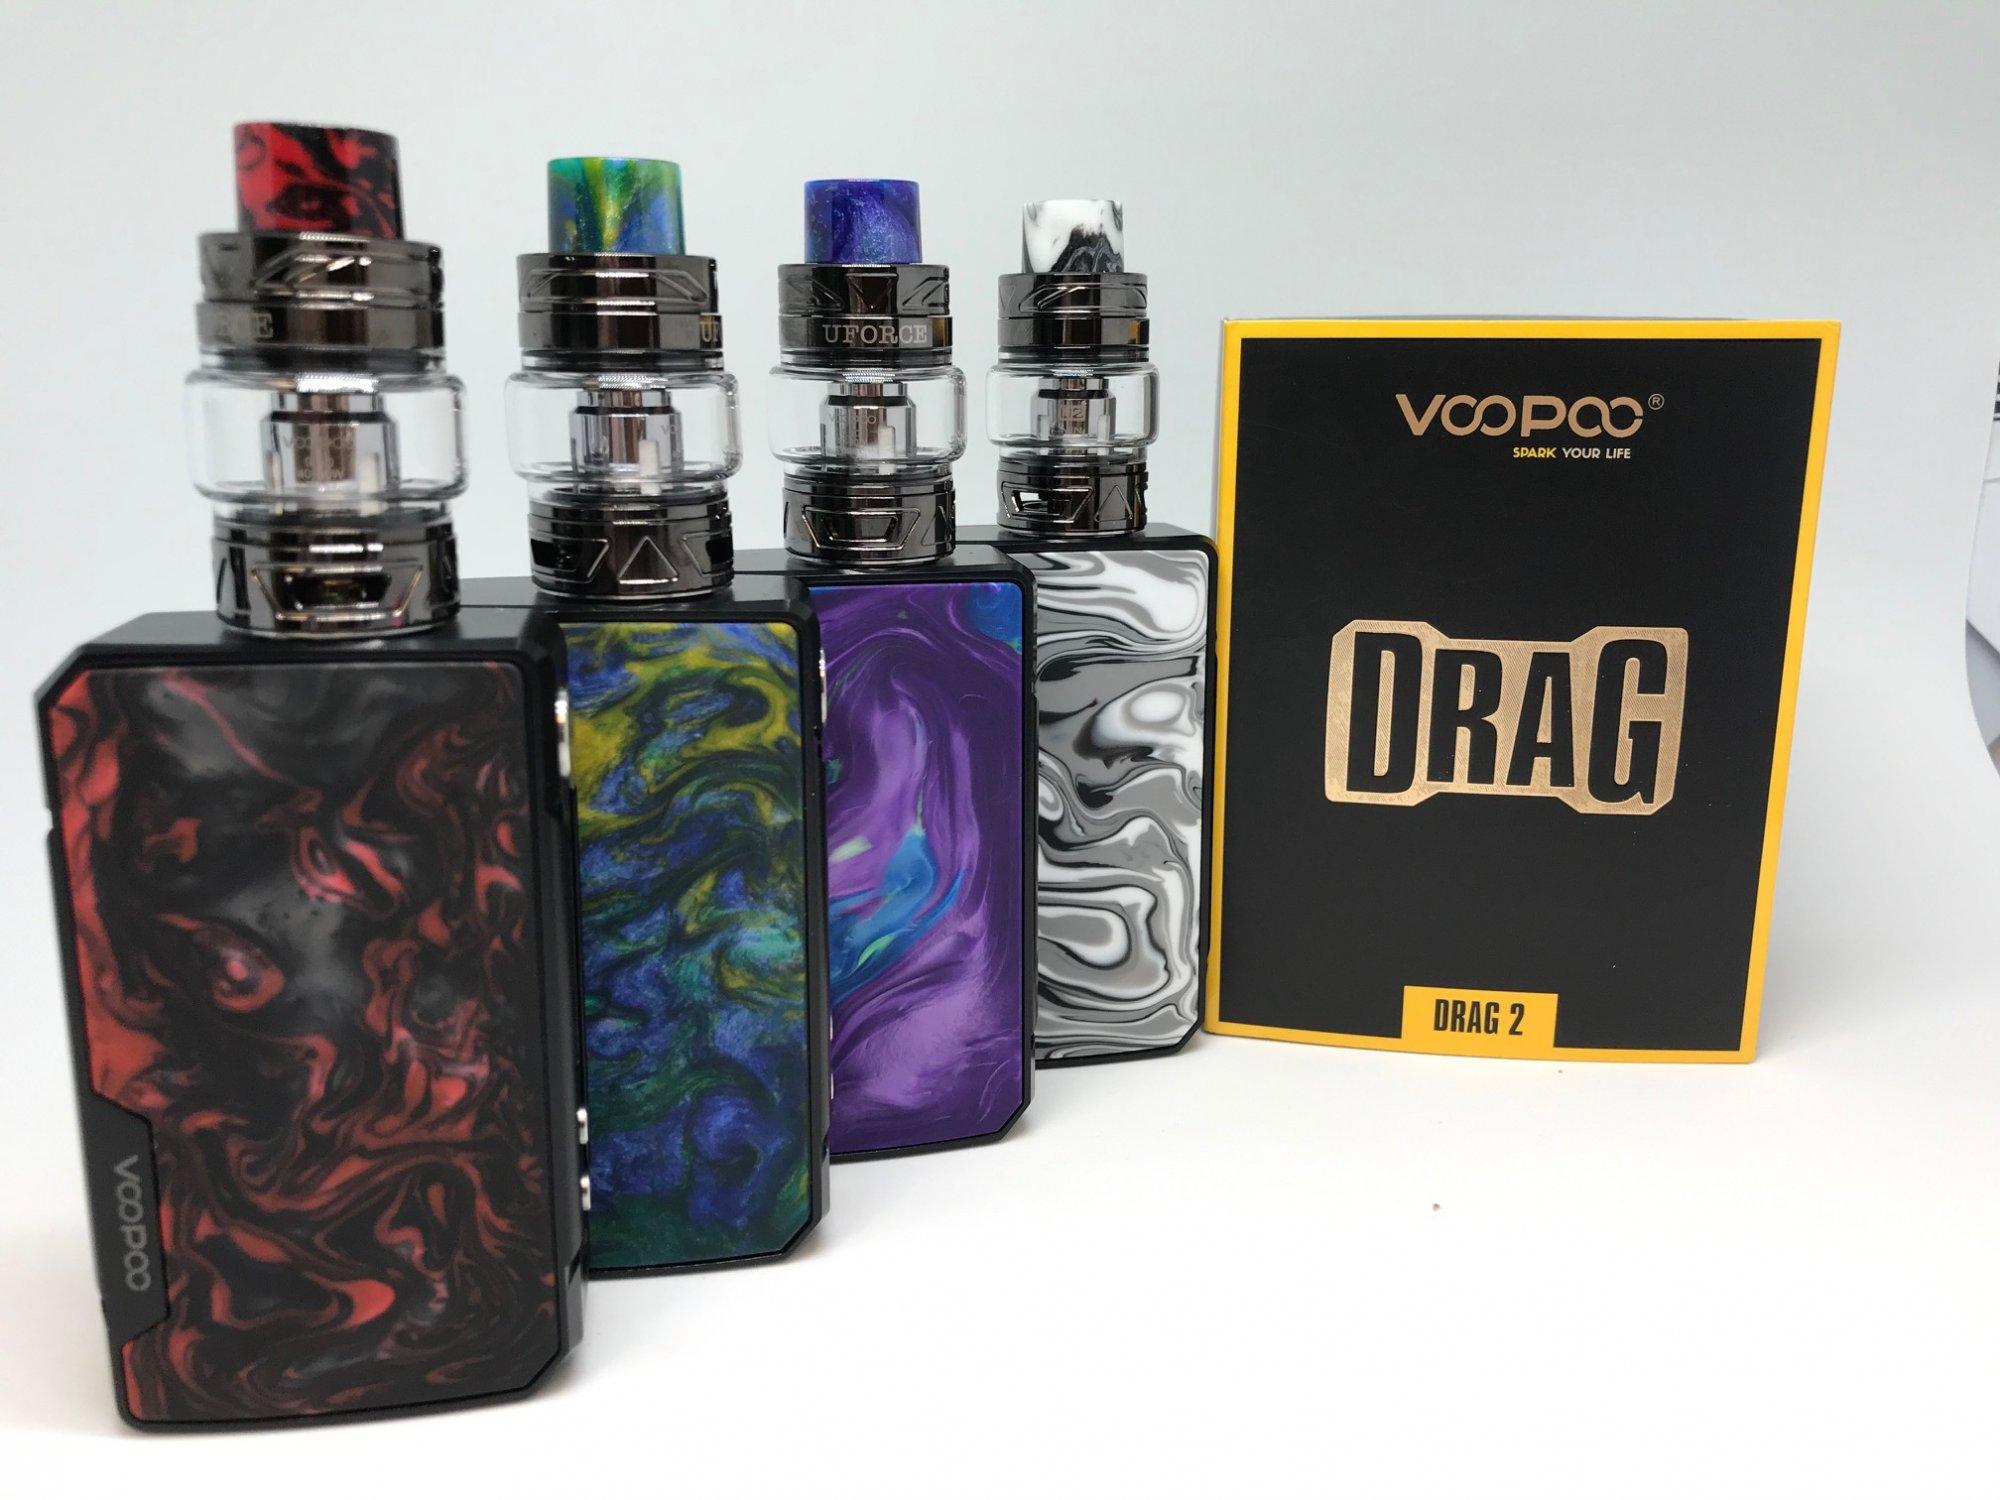 VooPoo Drag V2 Kit